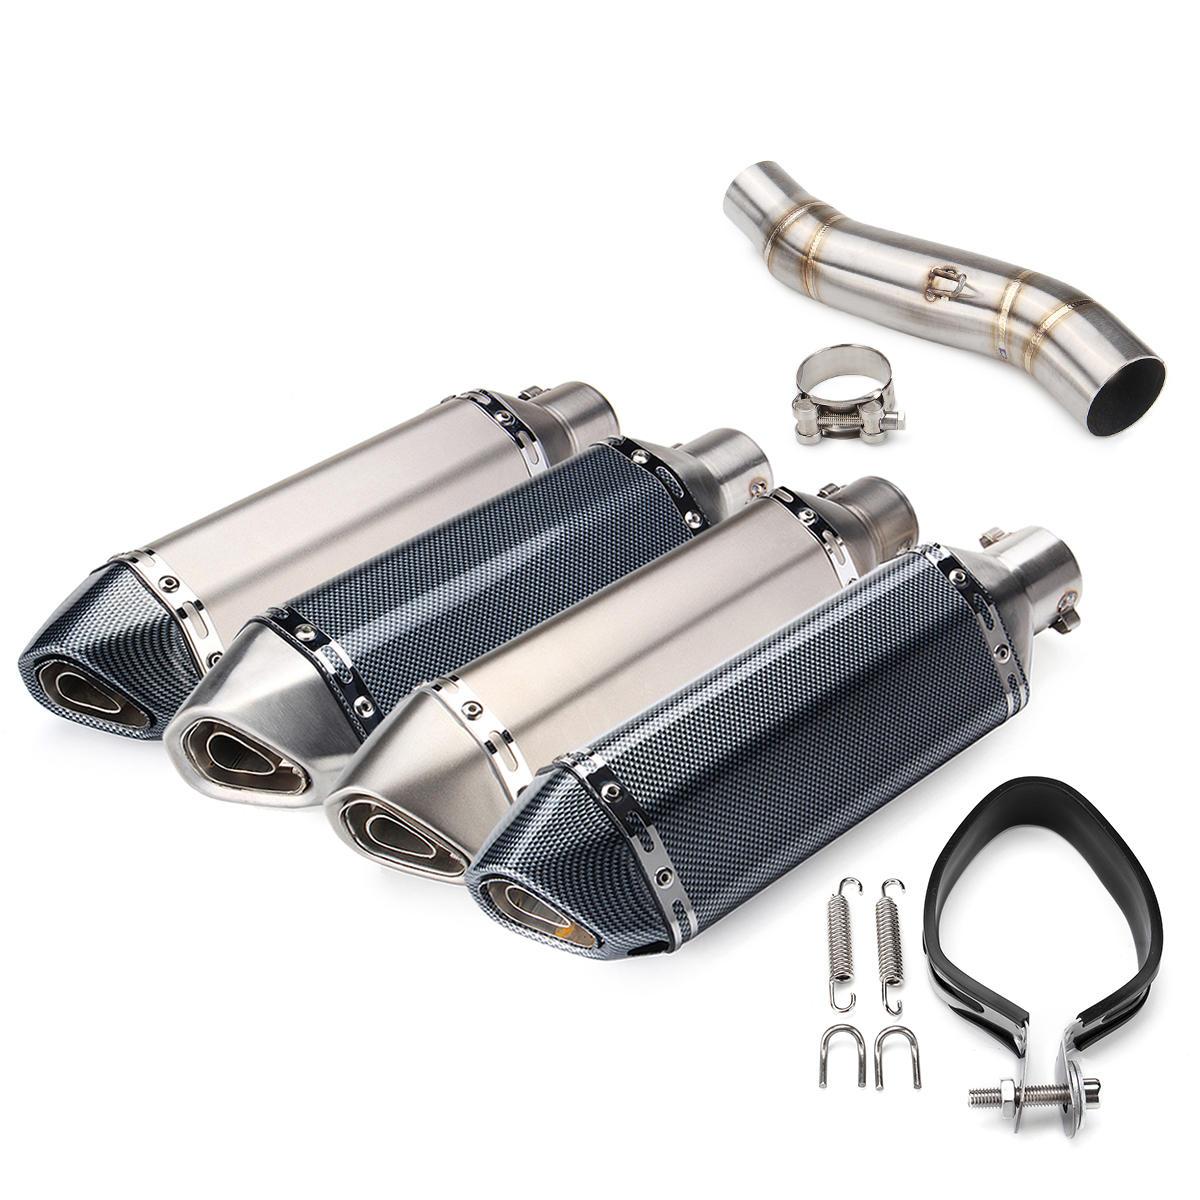 Tuyau de silencieux d'échappement de 51mm glissant sur le tuyau central de lien pour Honda CBR300R CB300F